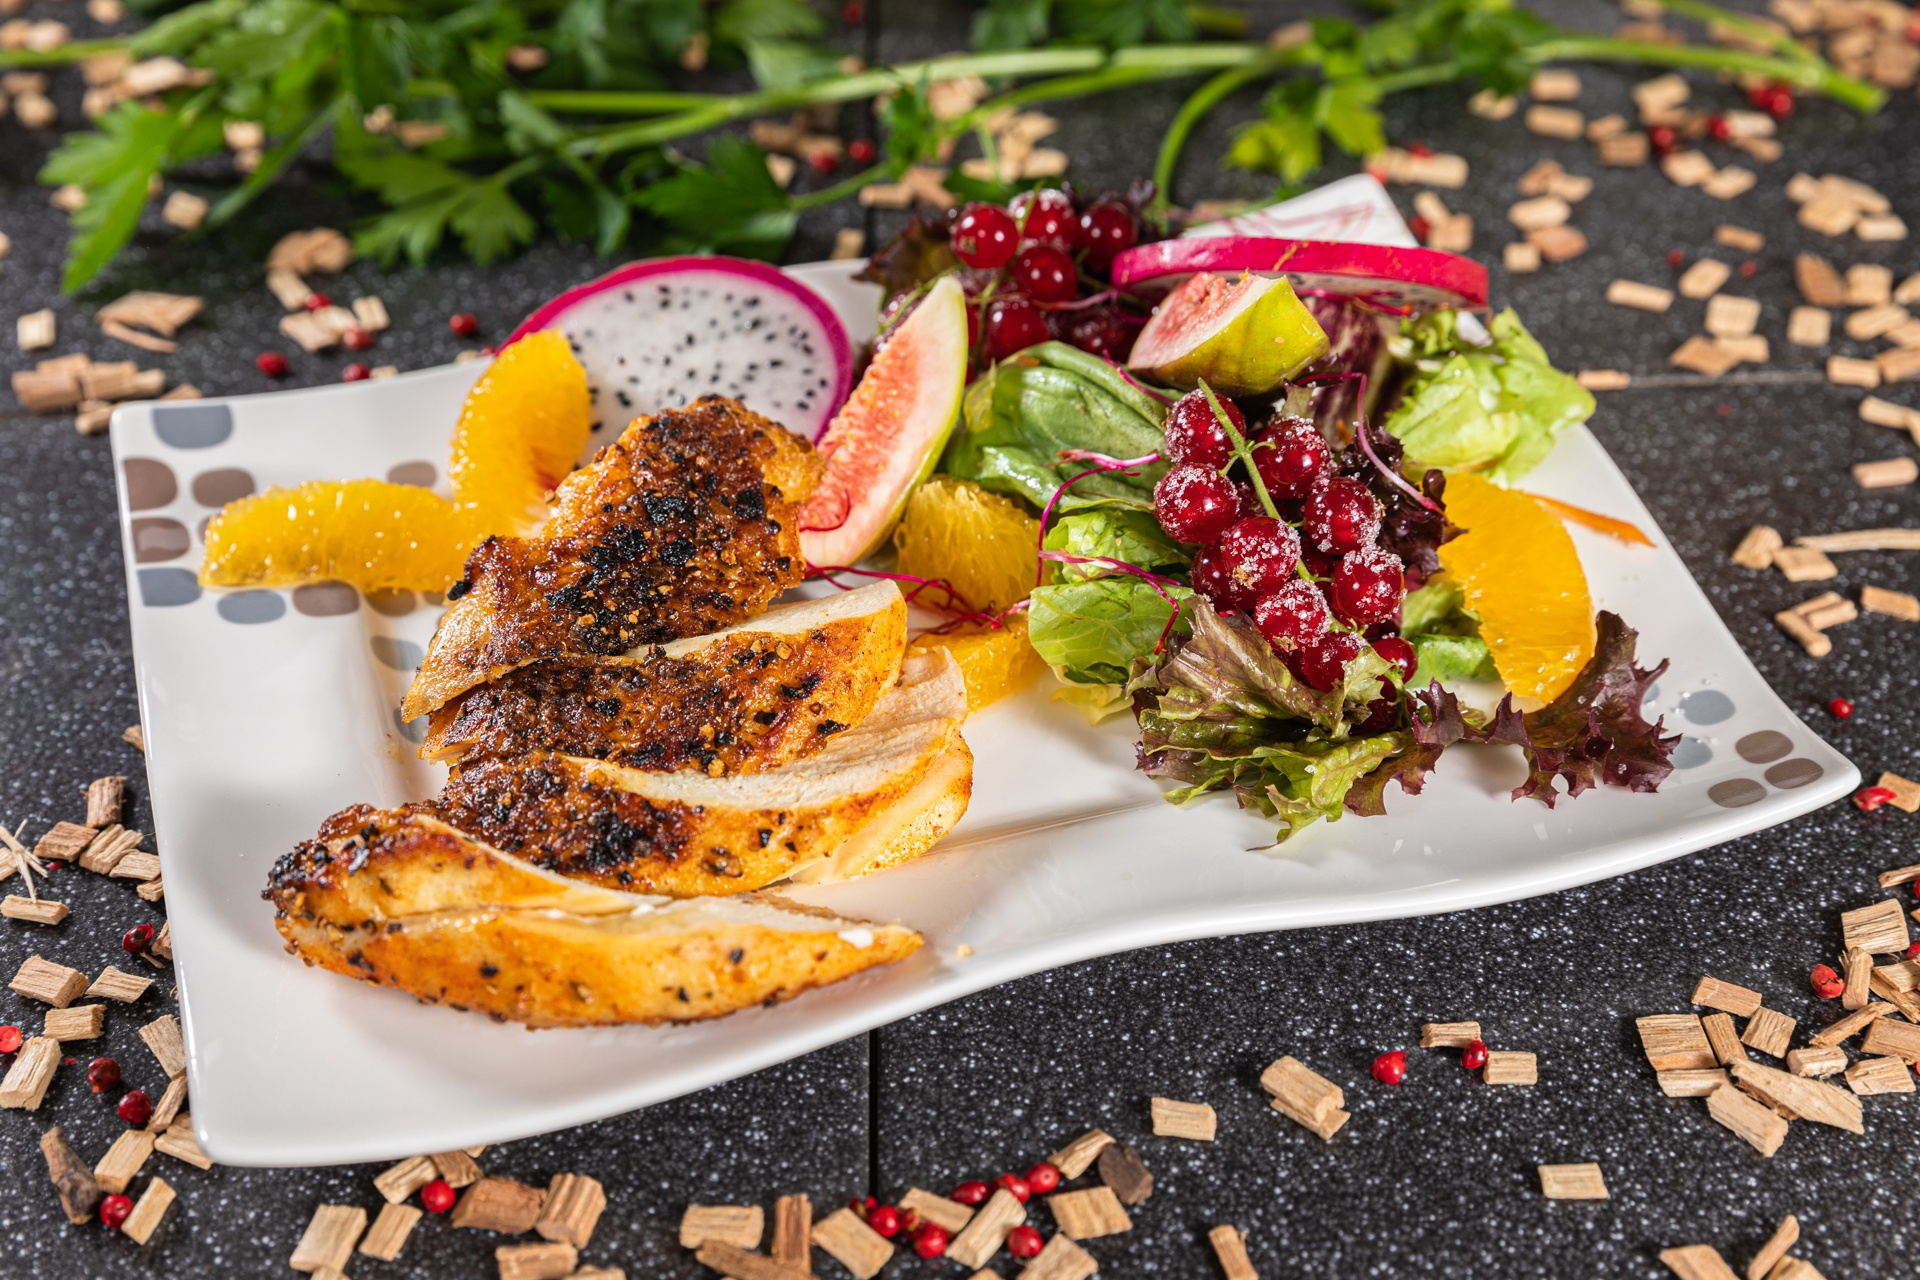 Mit Pfeffer-Himbeerrub eingestrichene Hähnchenbrust an frischem Blattsalat-Früchtereigen